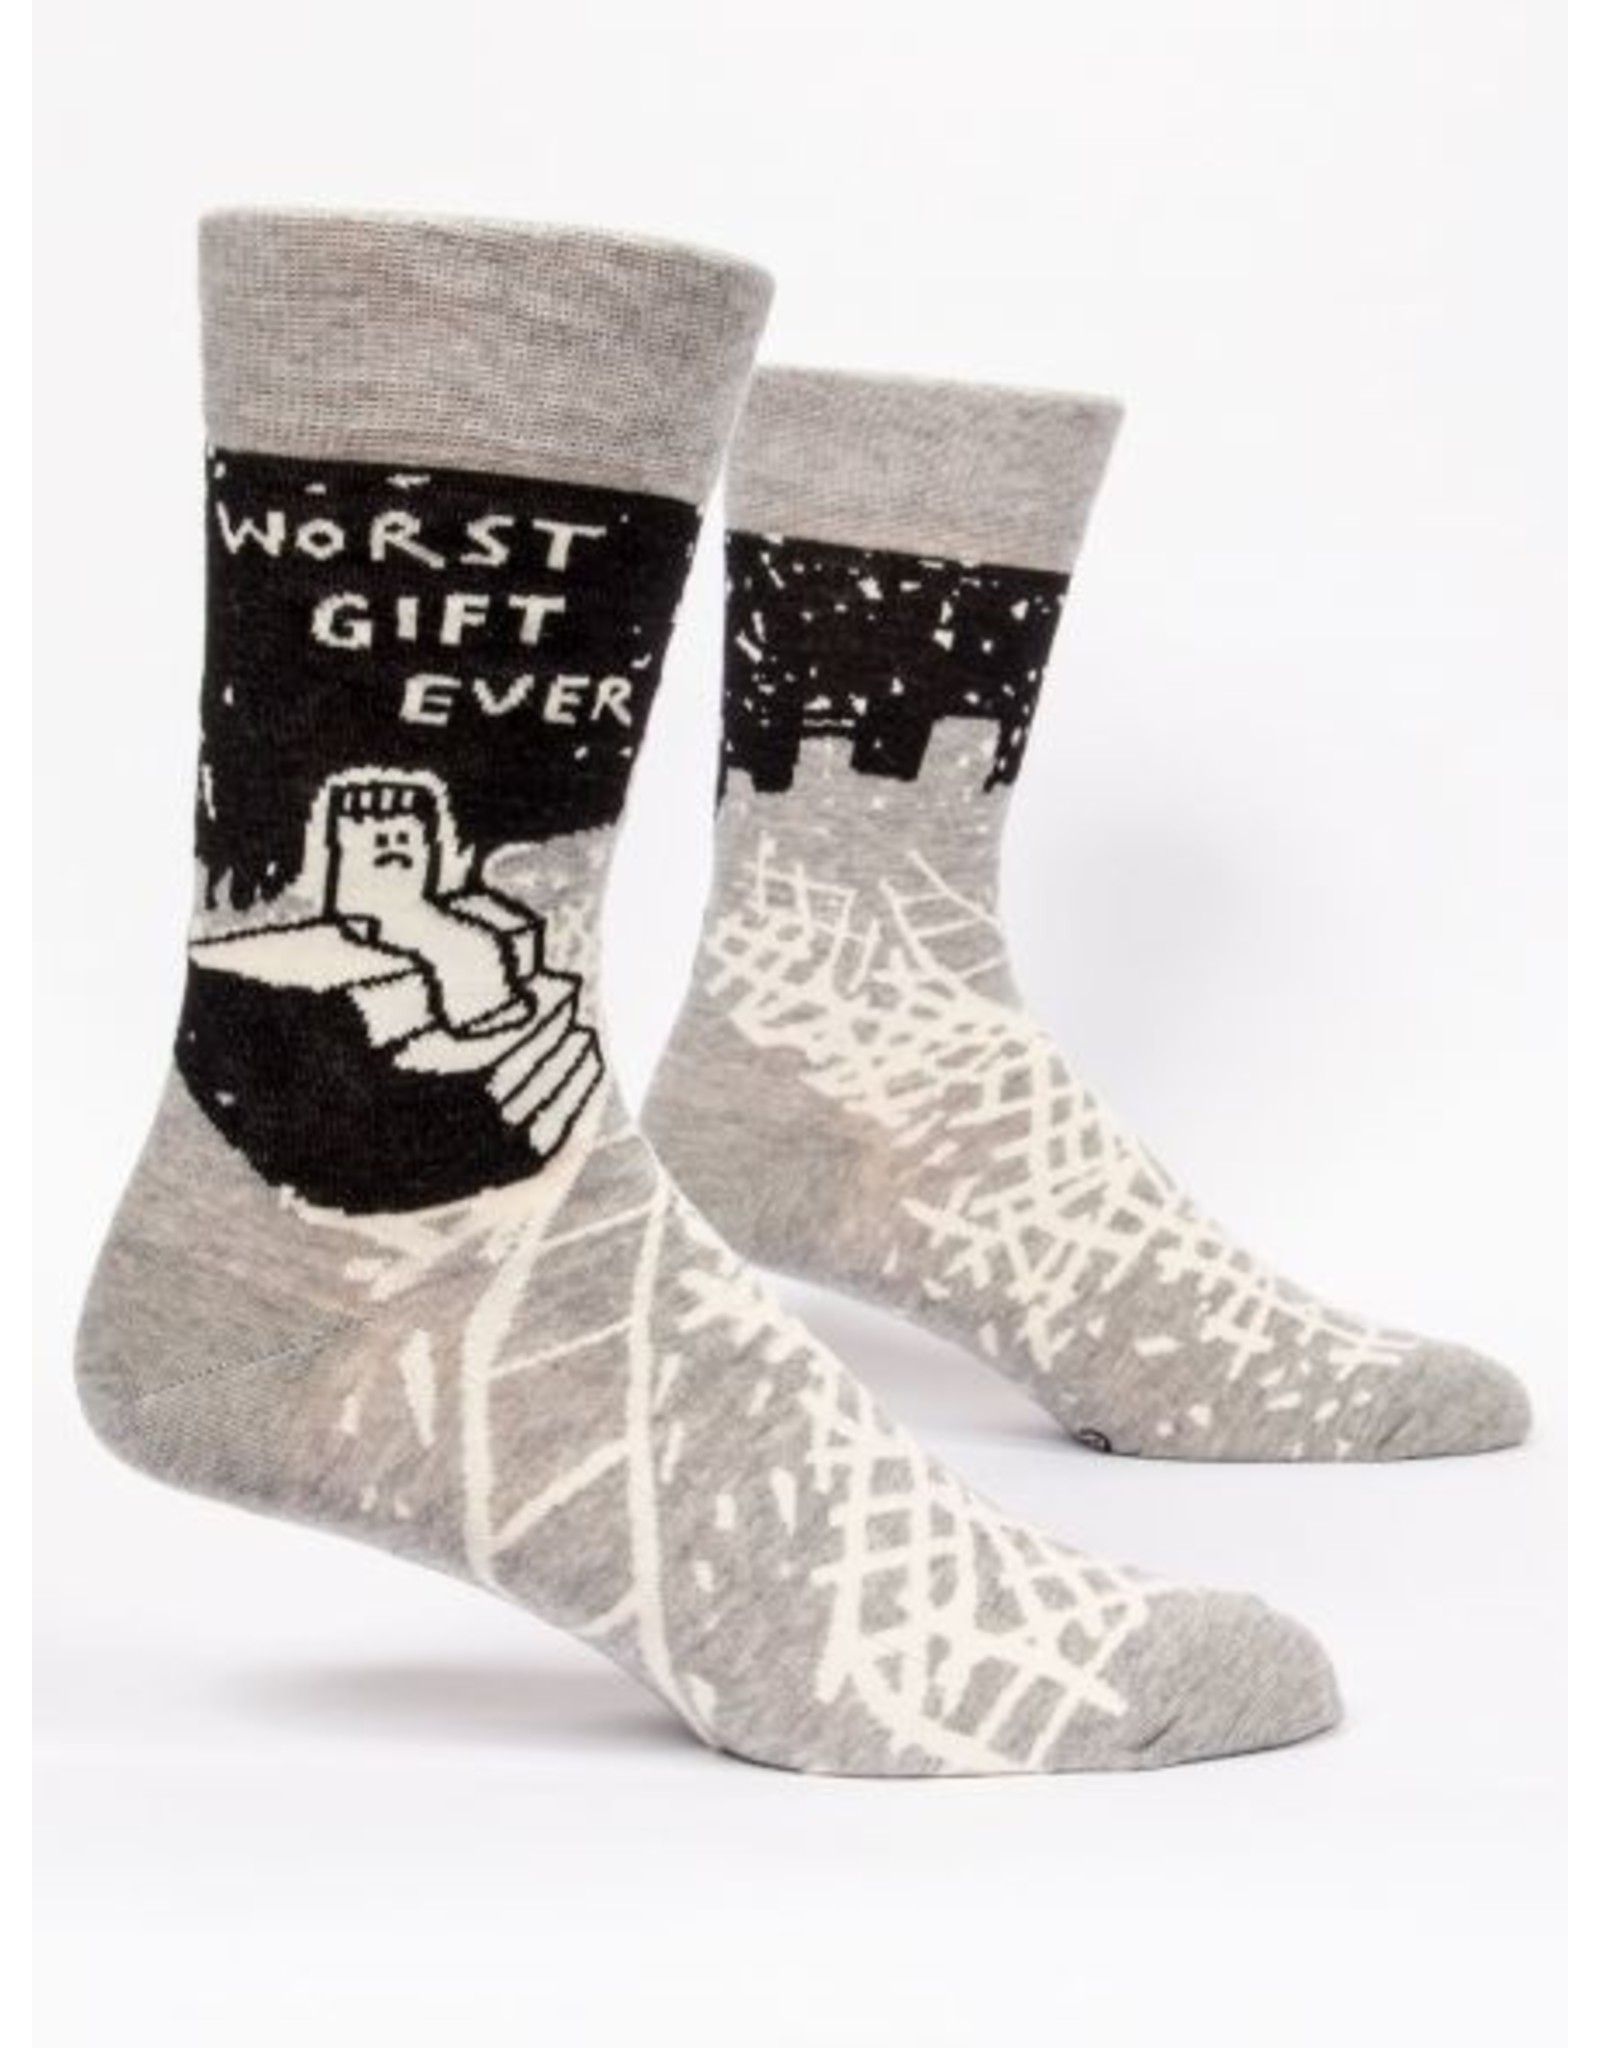 BQ Mens Sassy Socks - Worst Gift Ever